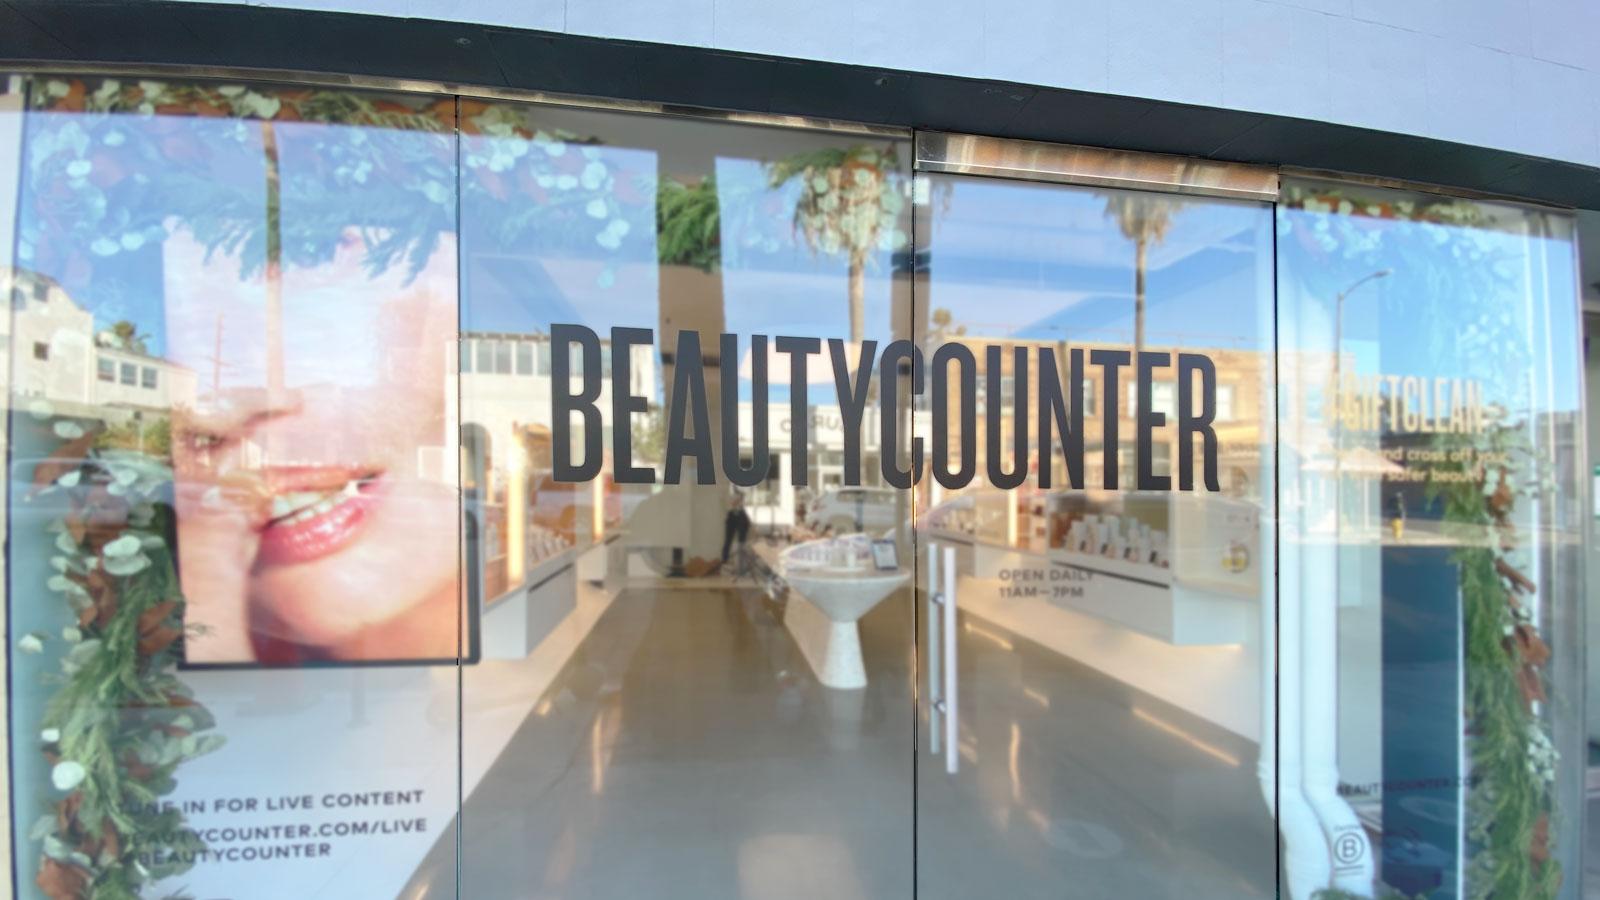 beautycounter storefront vinyl lettering